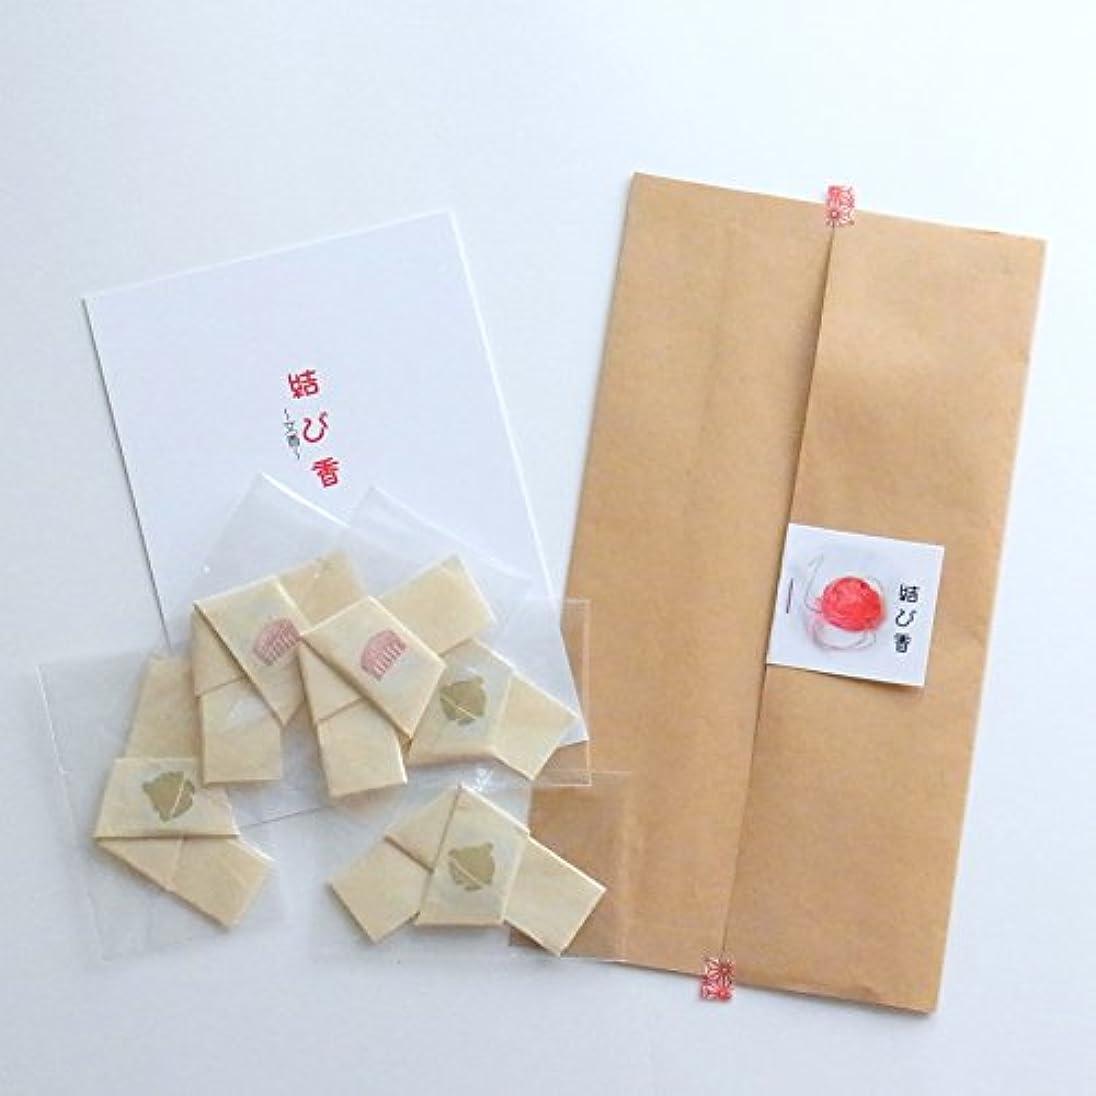 適度に滅びる思い出させる手紙に添えたり、バッグにしのばせてご縁を結ぶ【結び香】